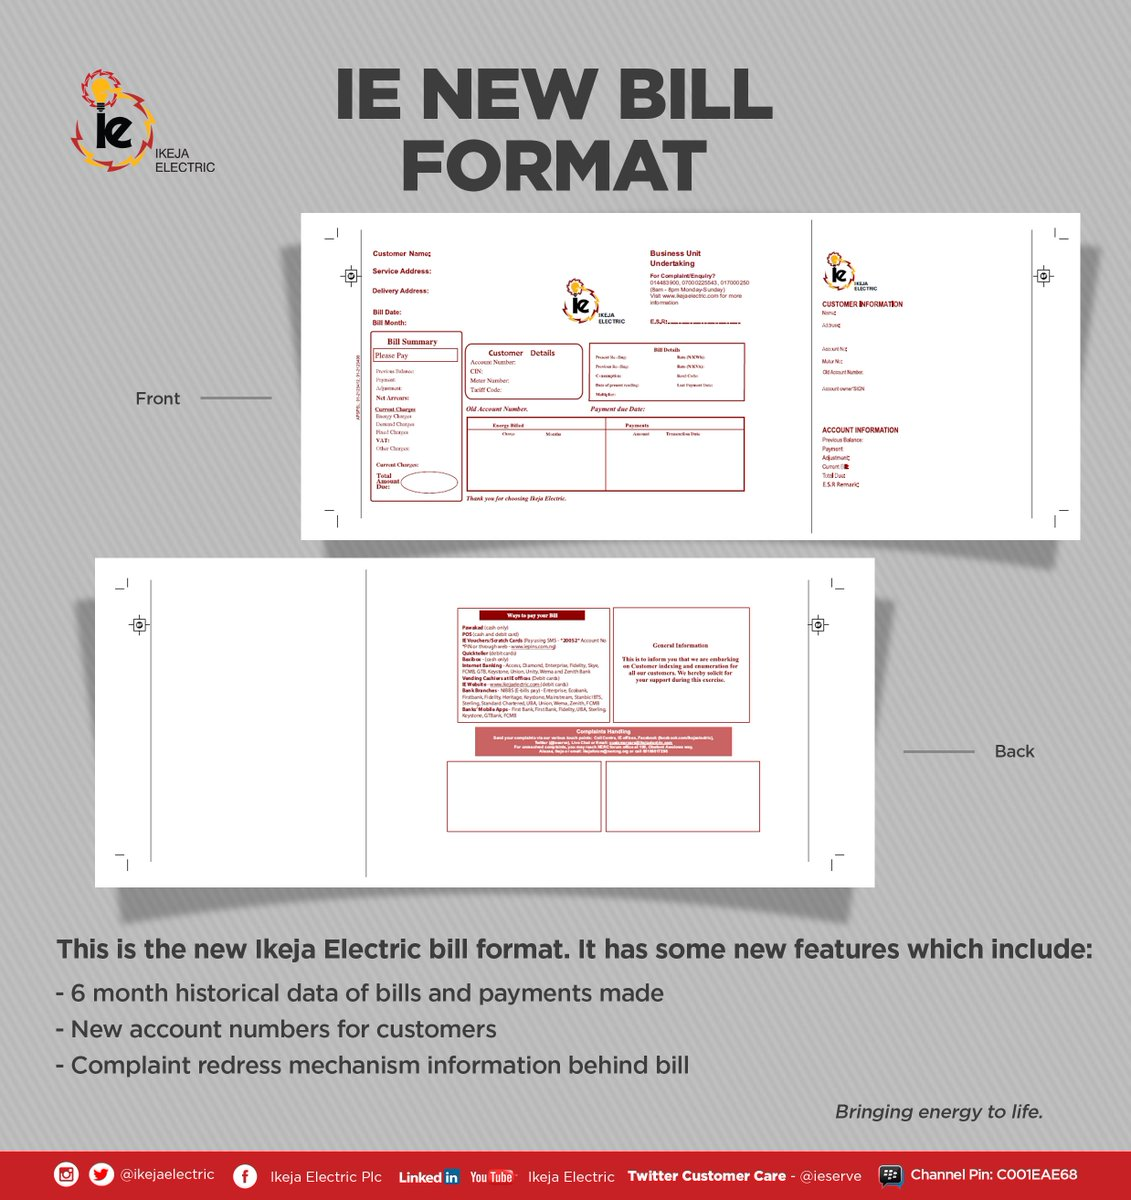 Ikeja Electric New Bill Format